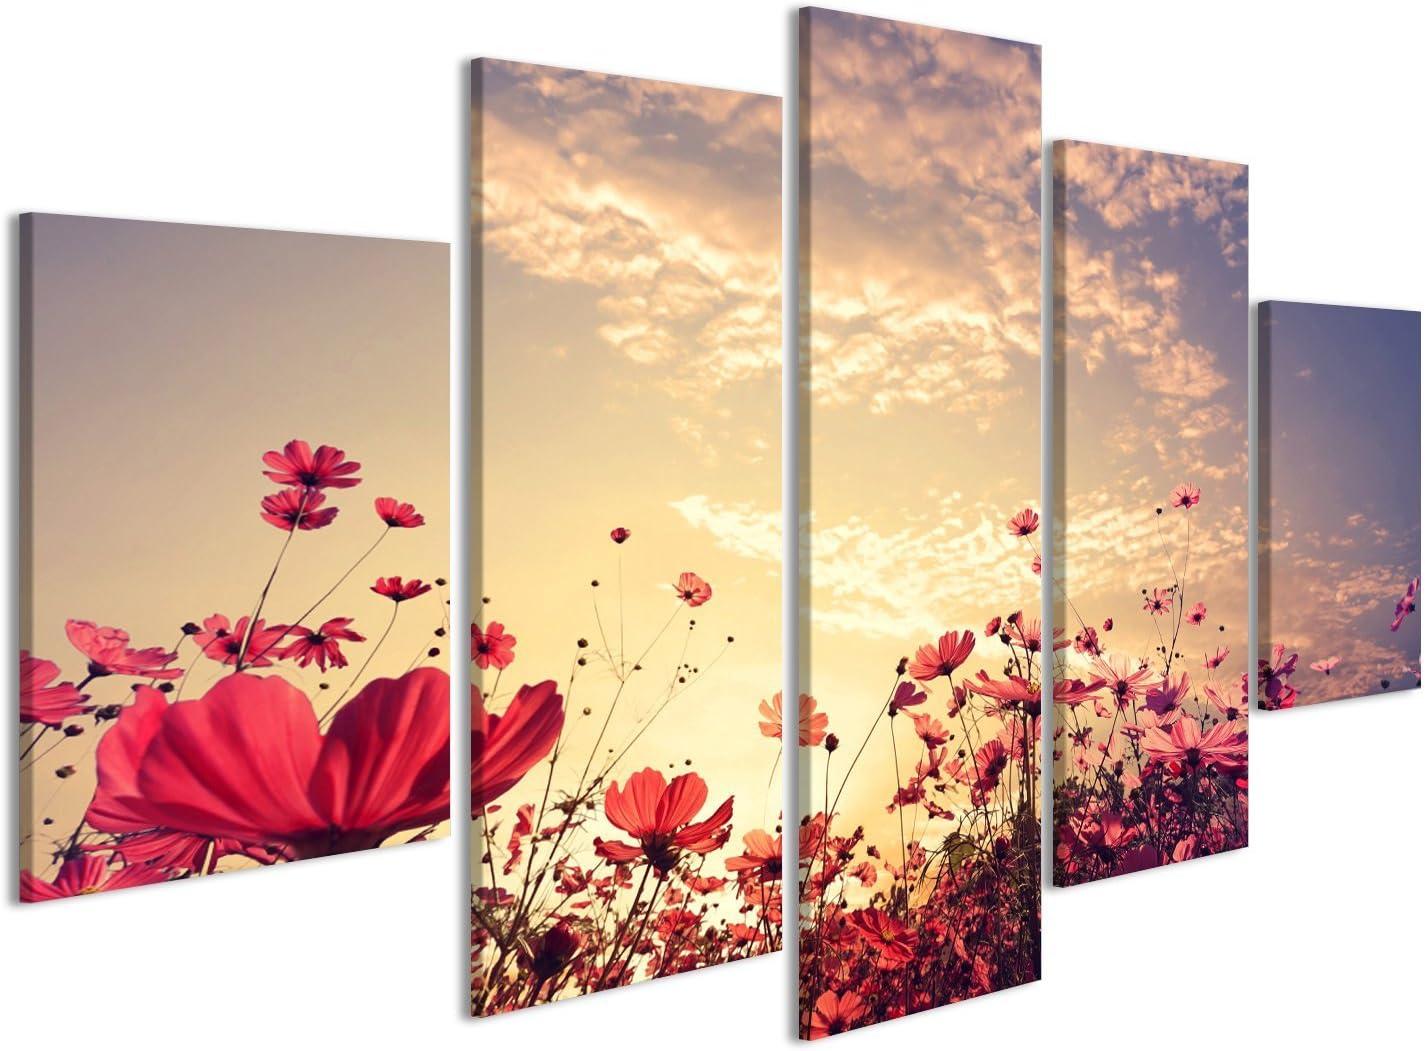 islandburner Cuadro Cuadros Paisaje Fondo del Campo del Cosmos Flor roja Hermosa Rosa y con Sol. Color de la Vendimia Impresión sobre Lienzo - Formato Grande - Cuadros Modernos FBA